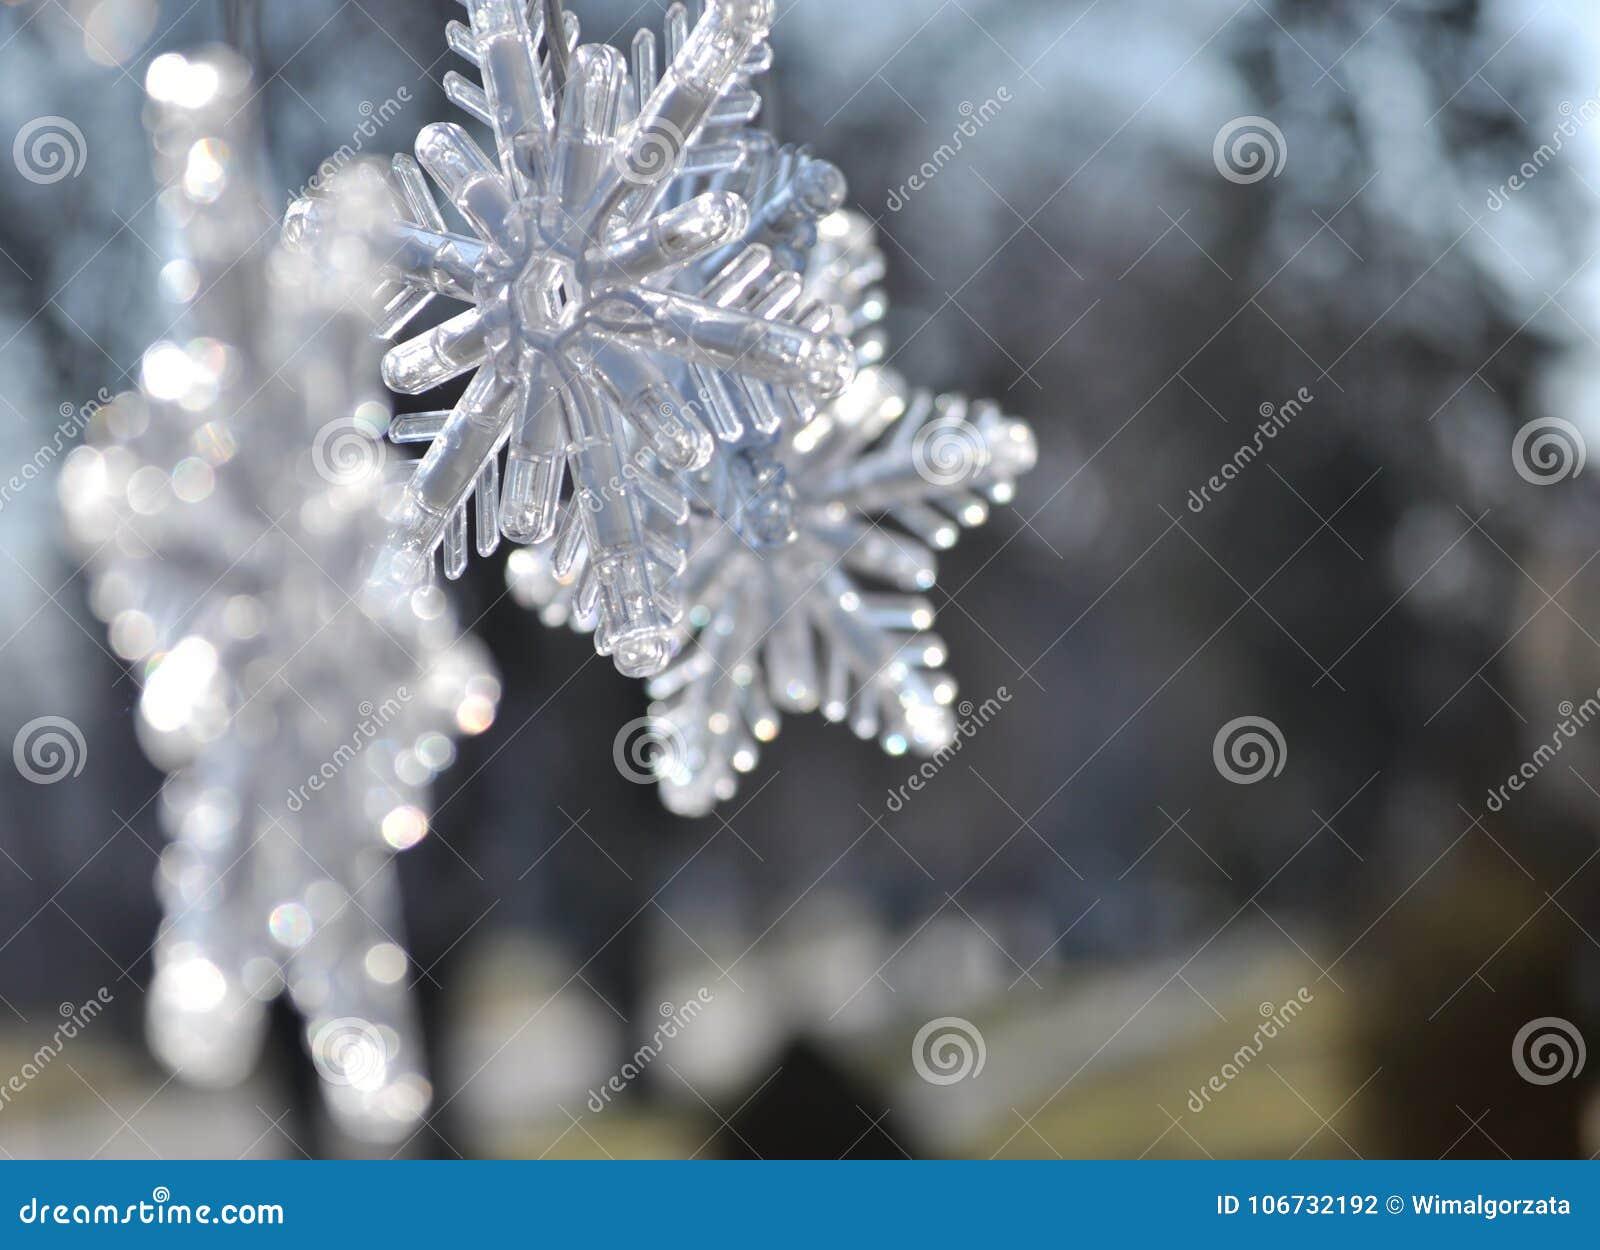 Copos De Nieve Ciérrese Para Arriba De La Decoración De La